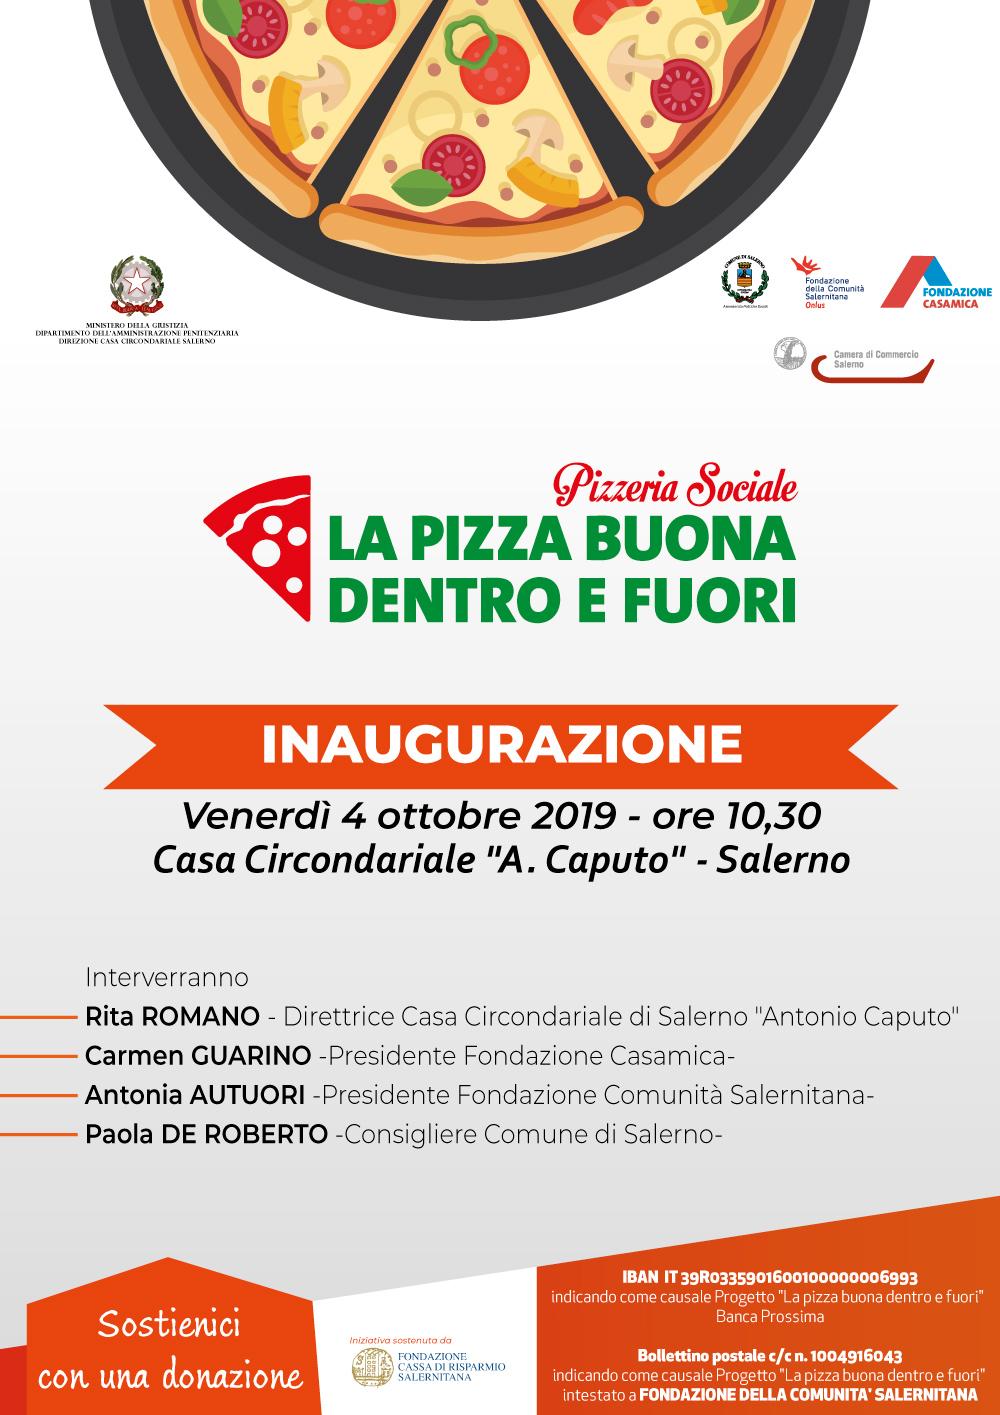 """Inaugurazione alla Casa Circondariale """"A. Caputo"""" di Salerno della Pizzeria Sociale """"La Pizza Buona Dentro e Fuori""""."""